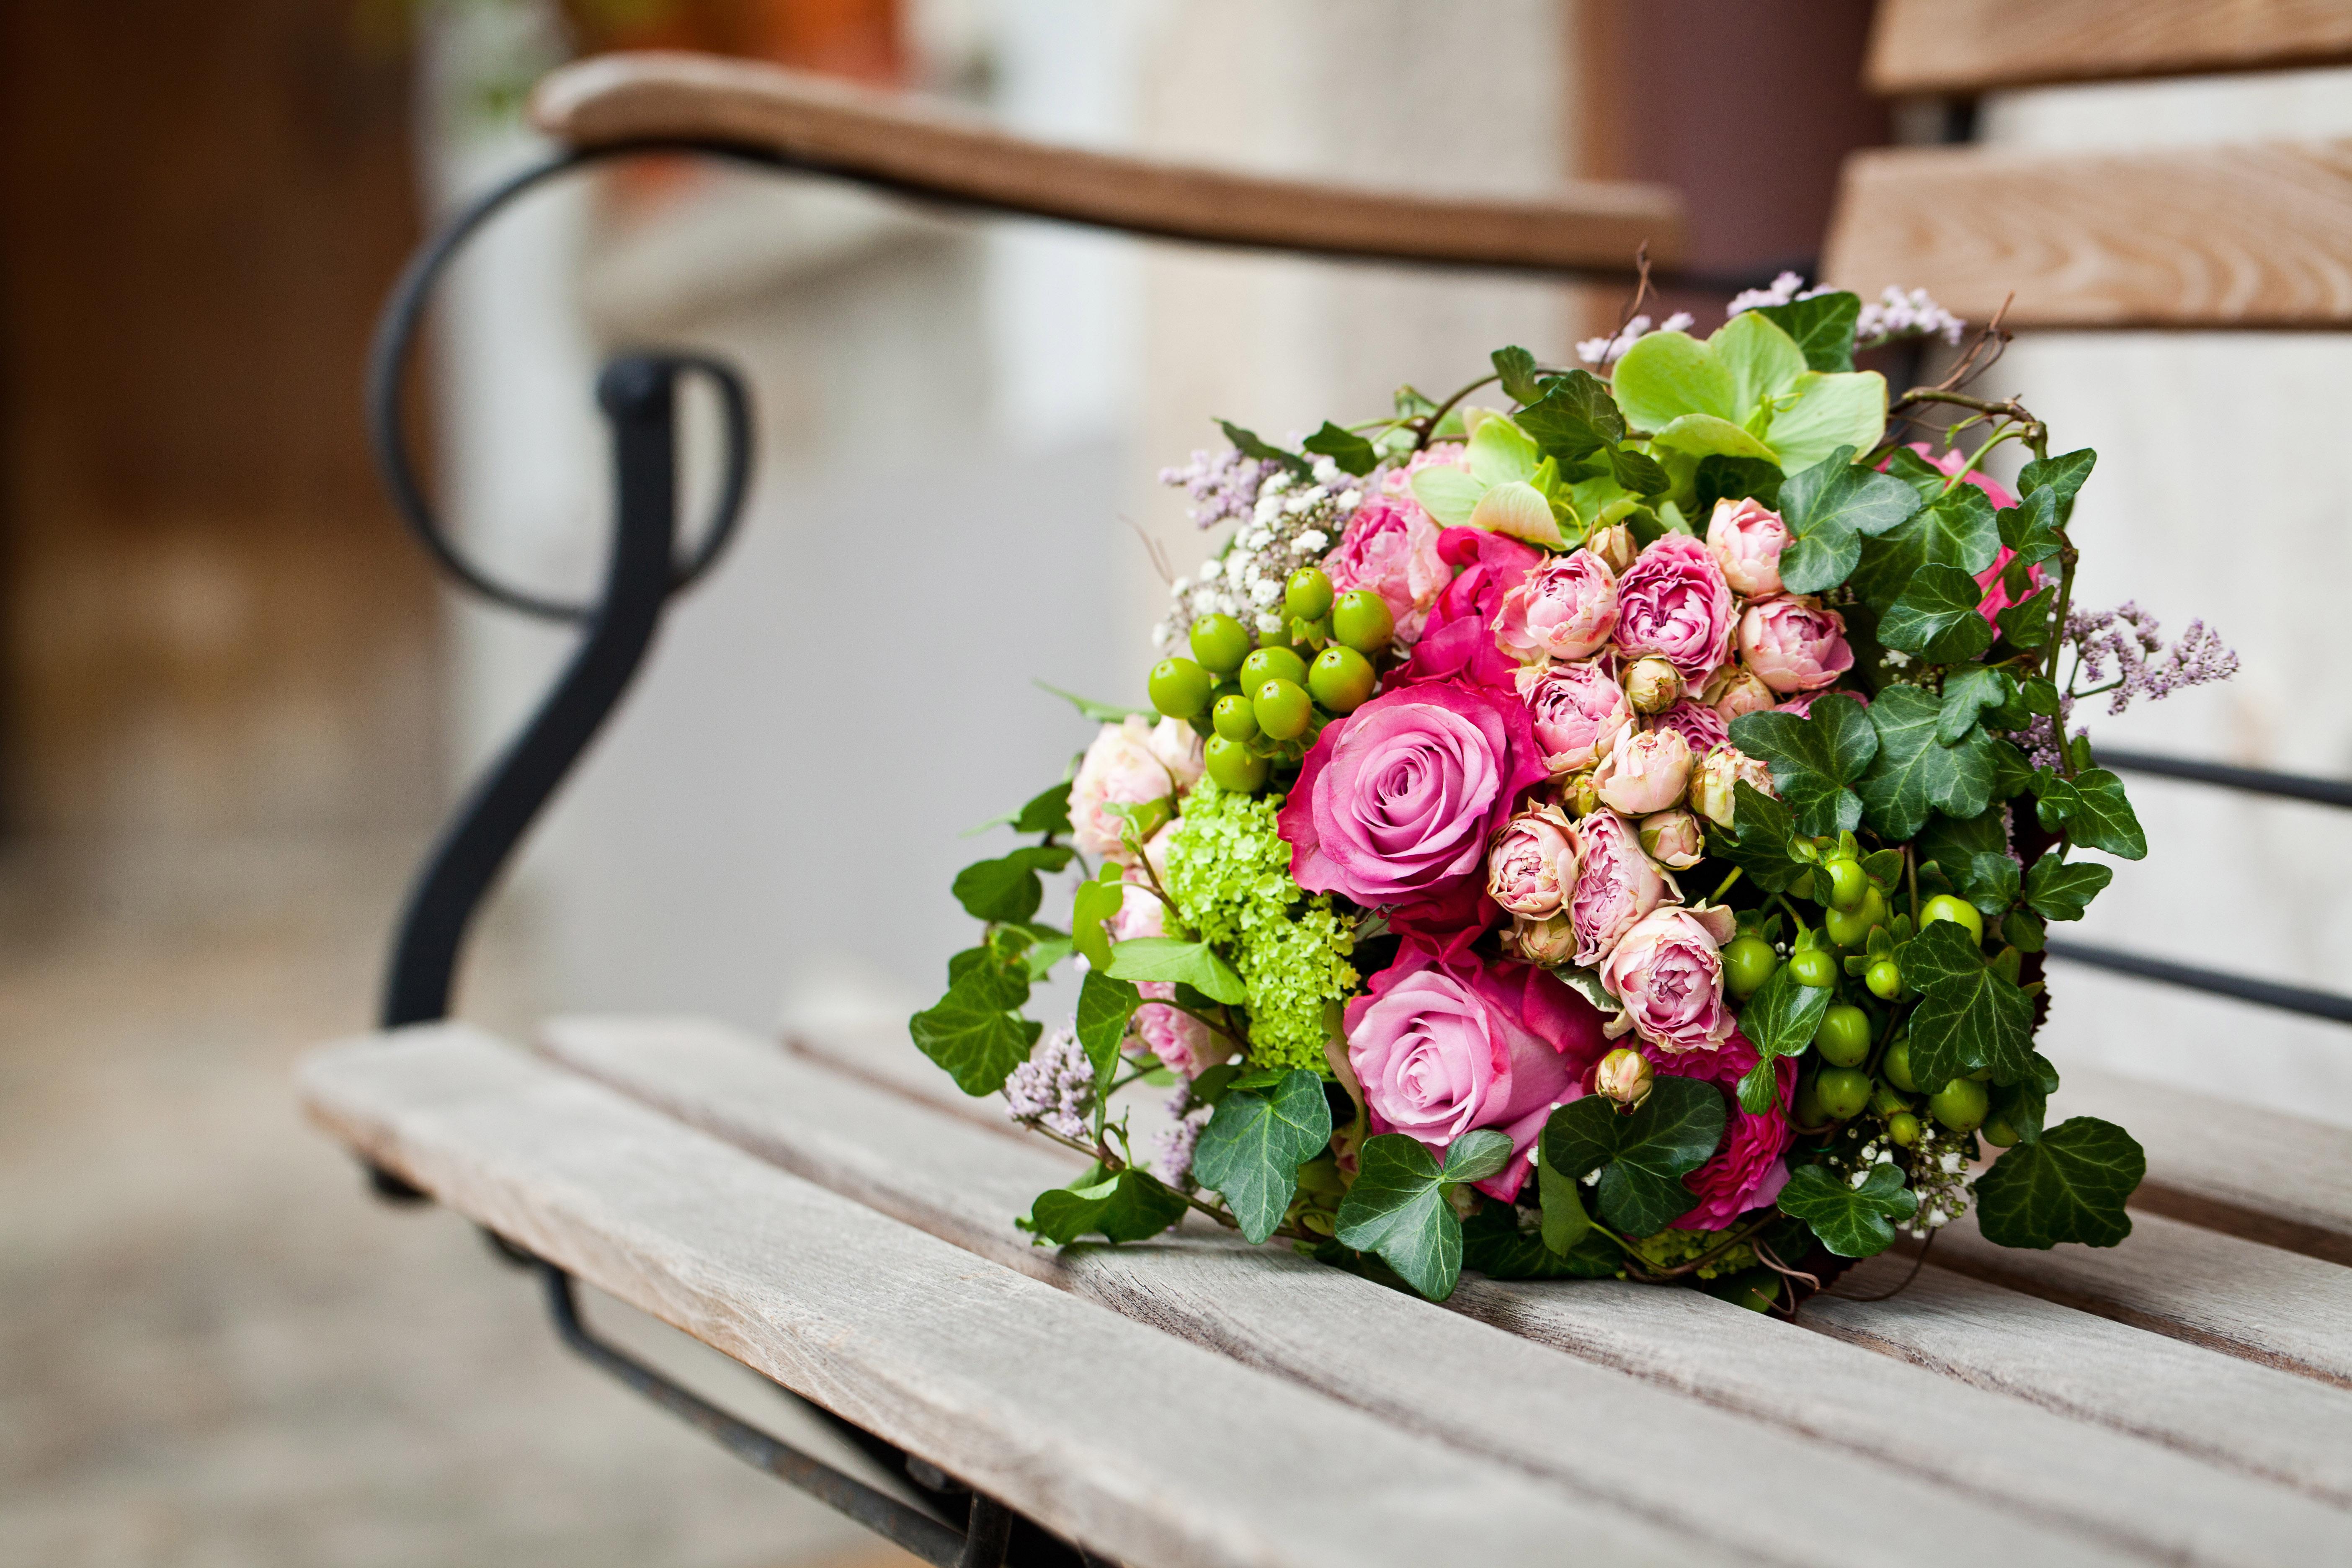 розы букет rose bouquet скачать